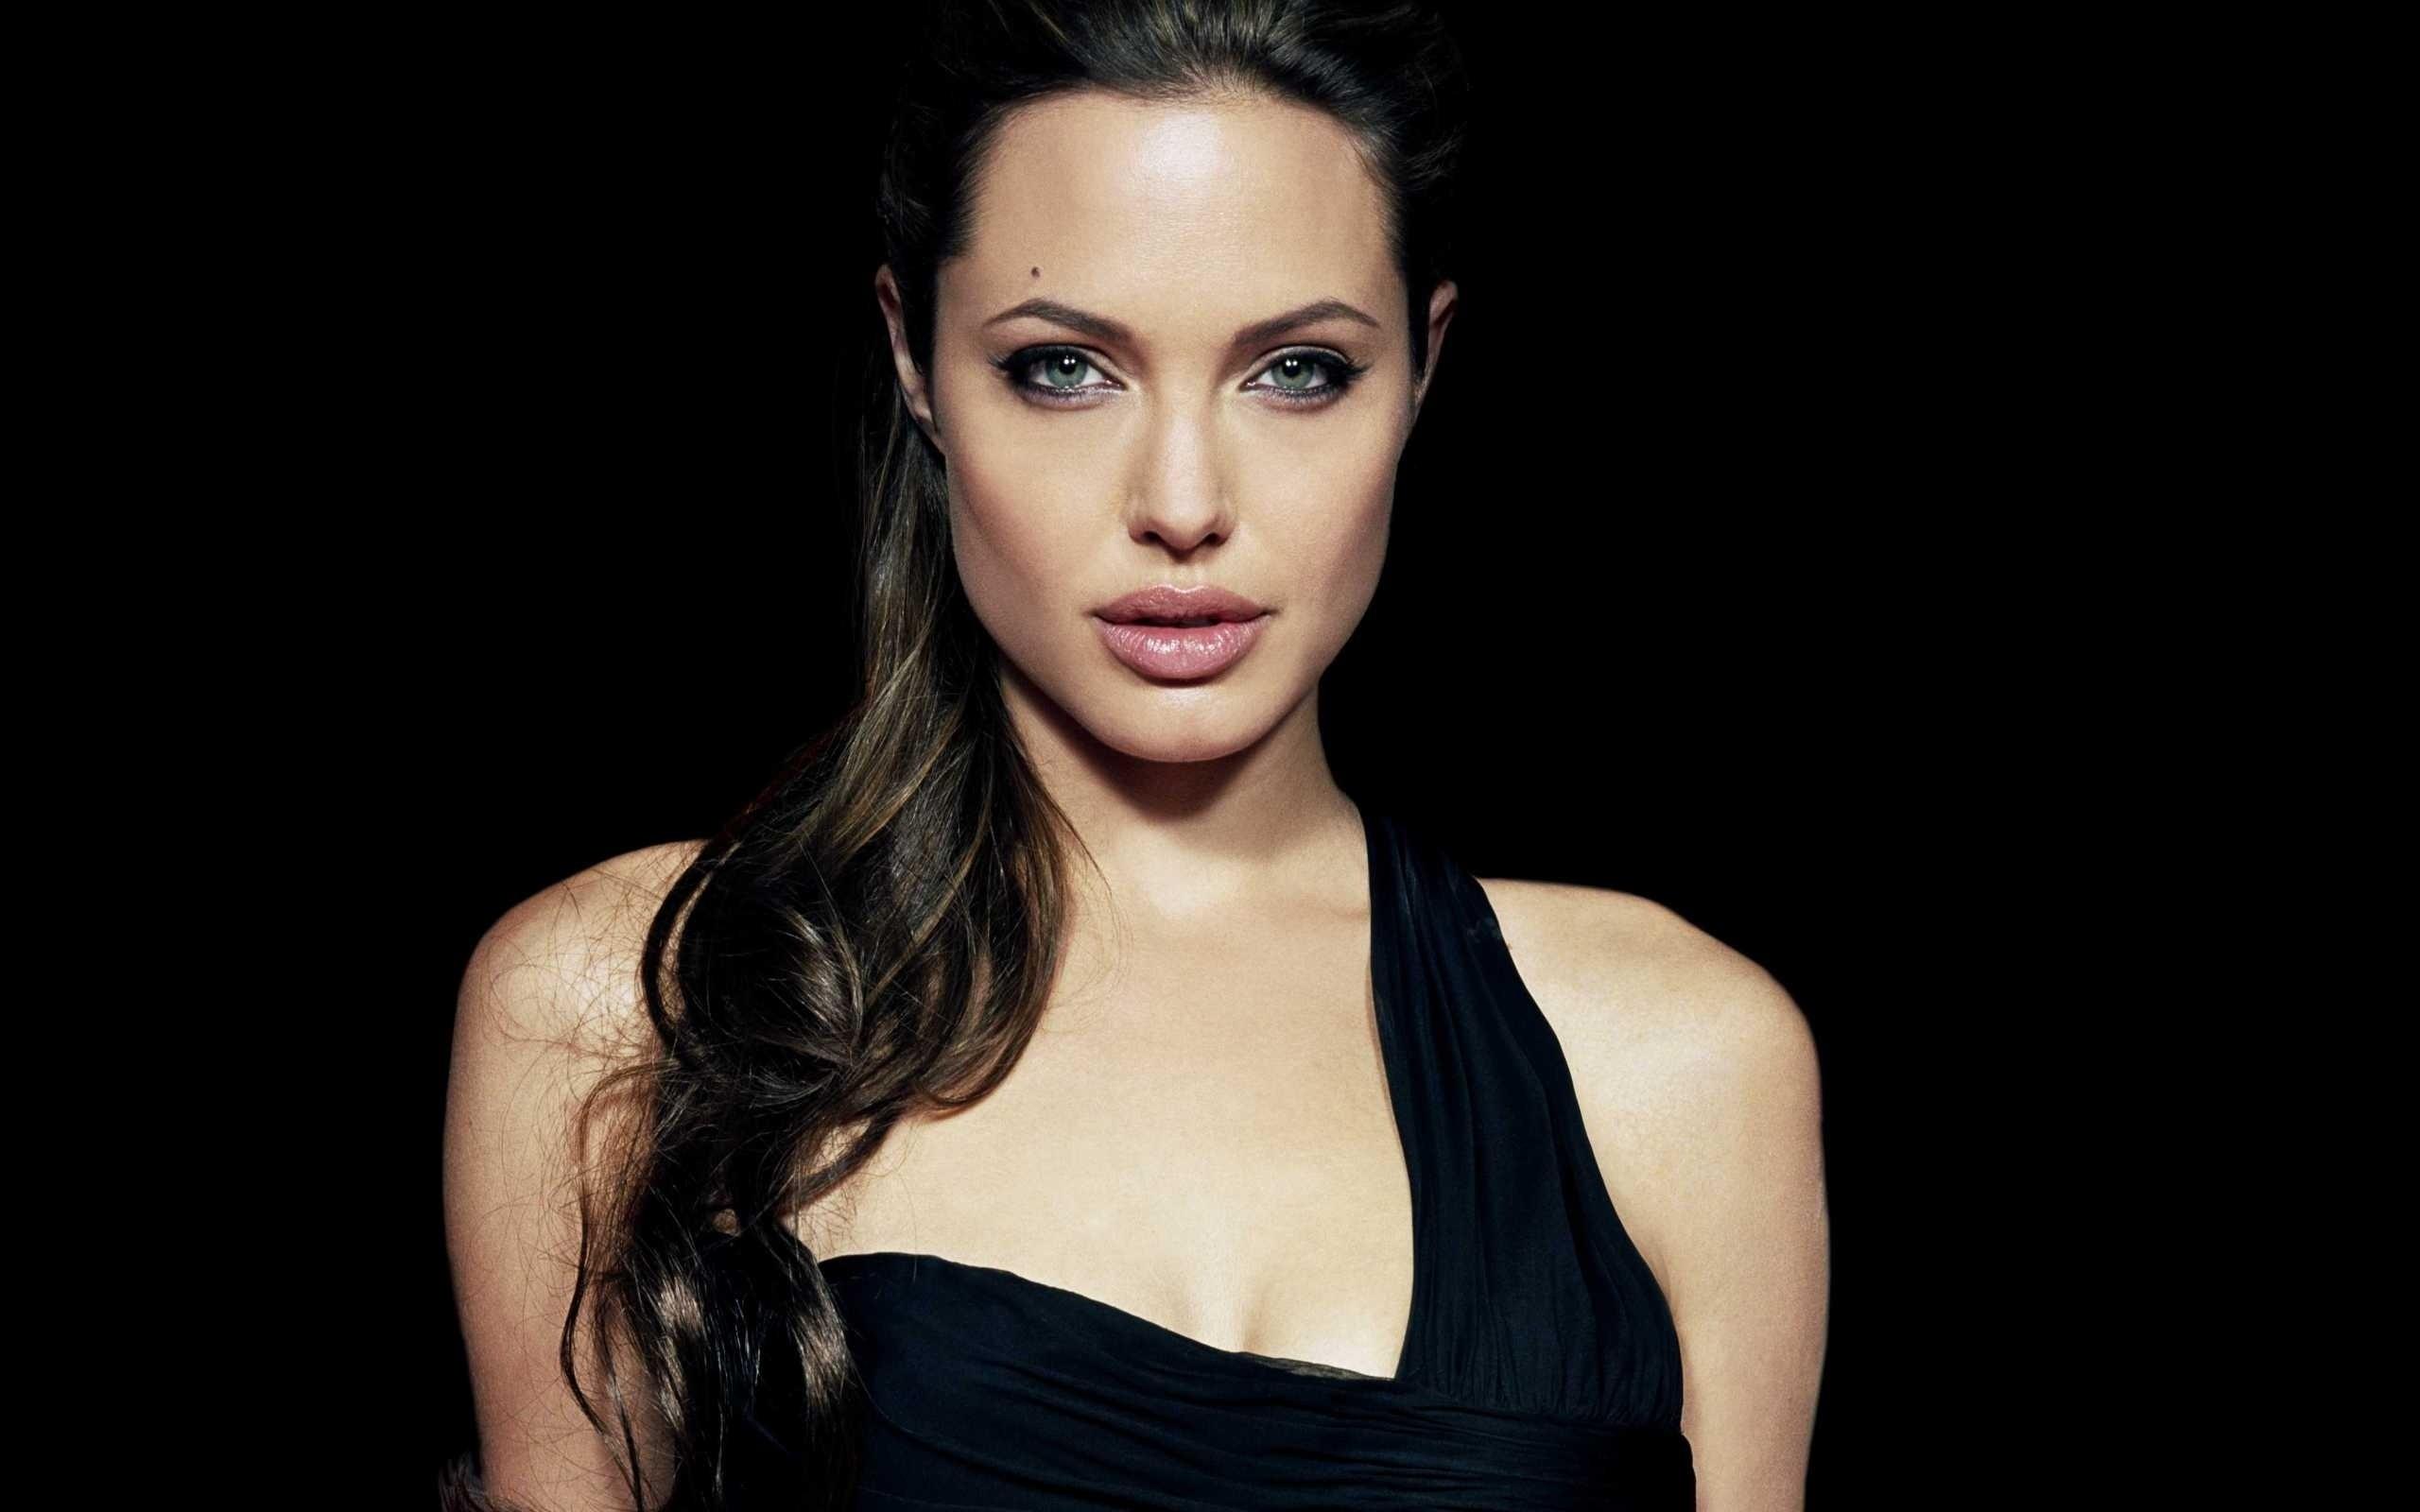 Анджелине Джоли— 45лет. Вспоминаем ее эффектные образы в кино